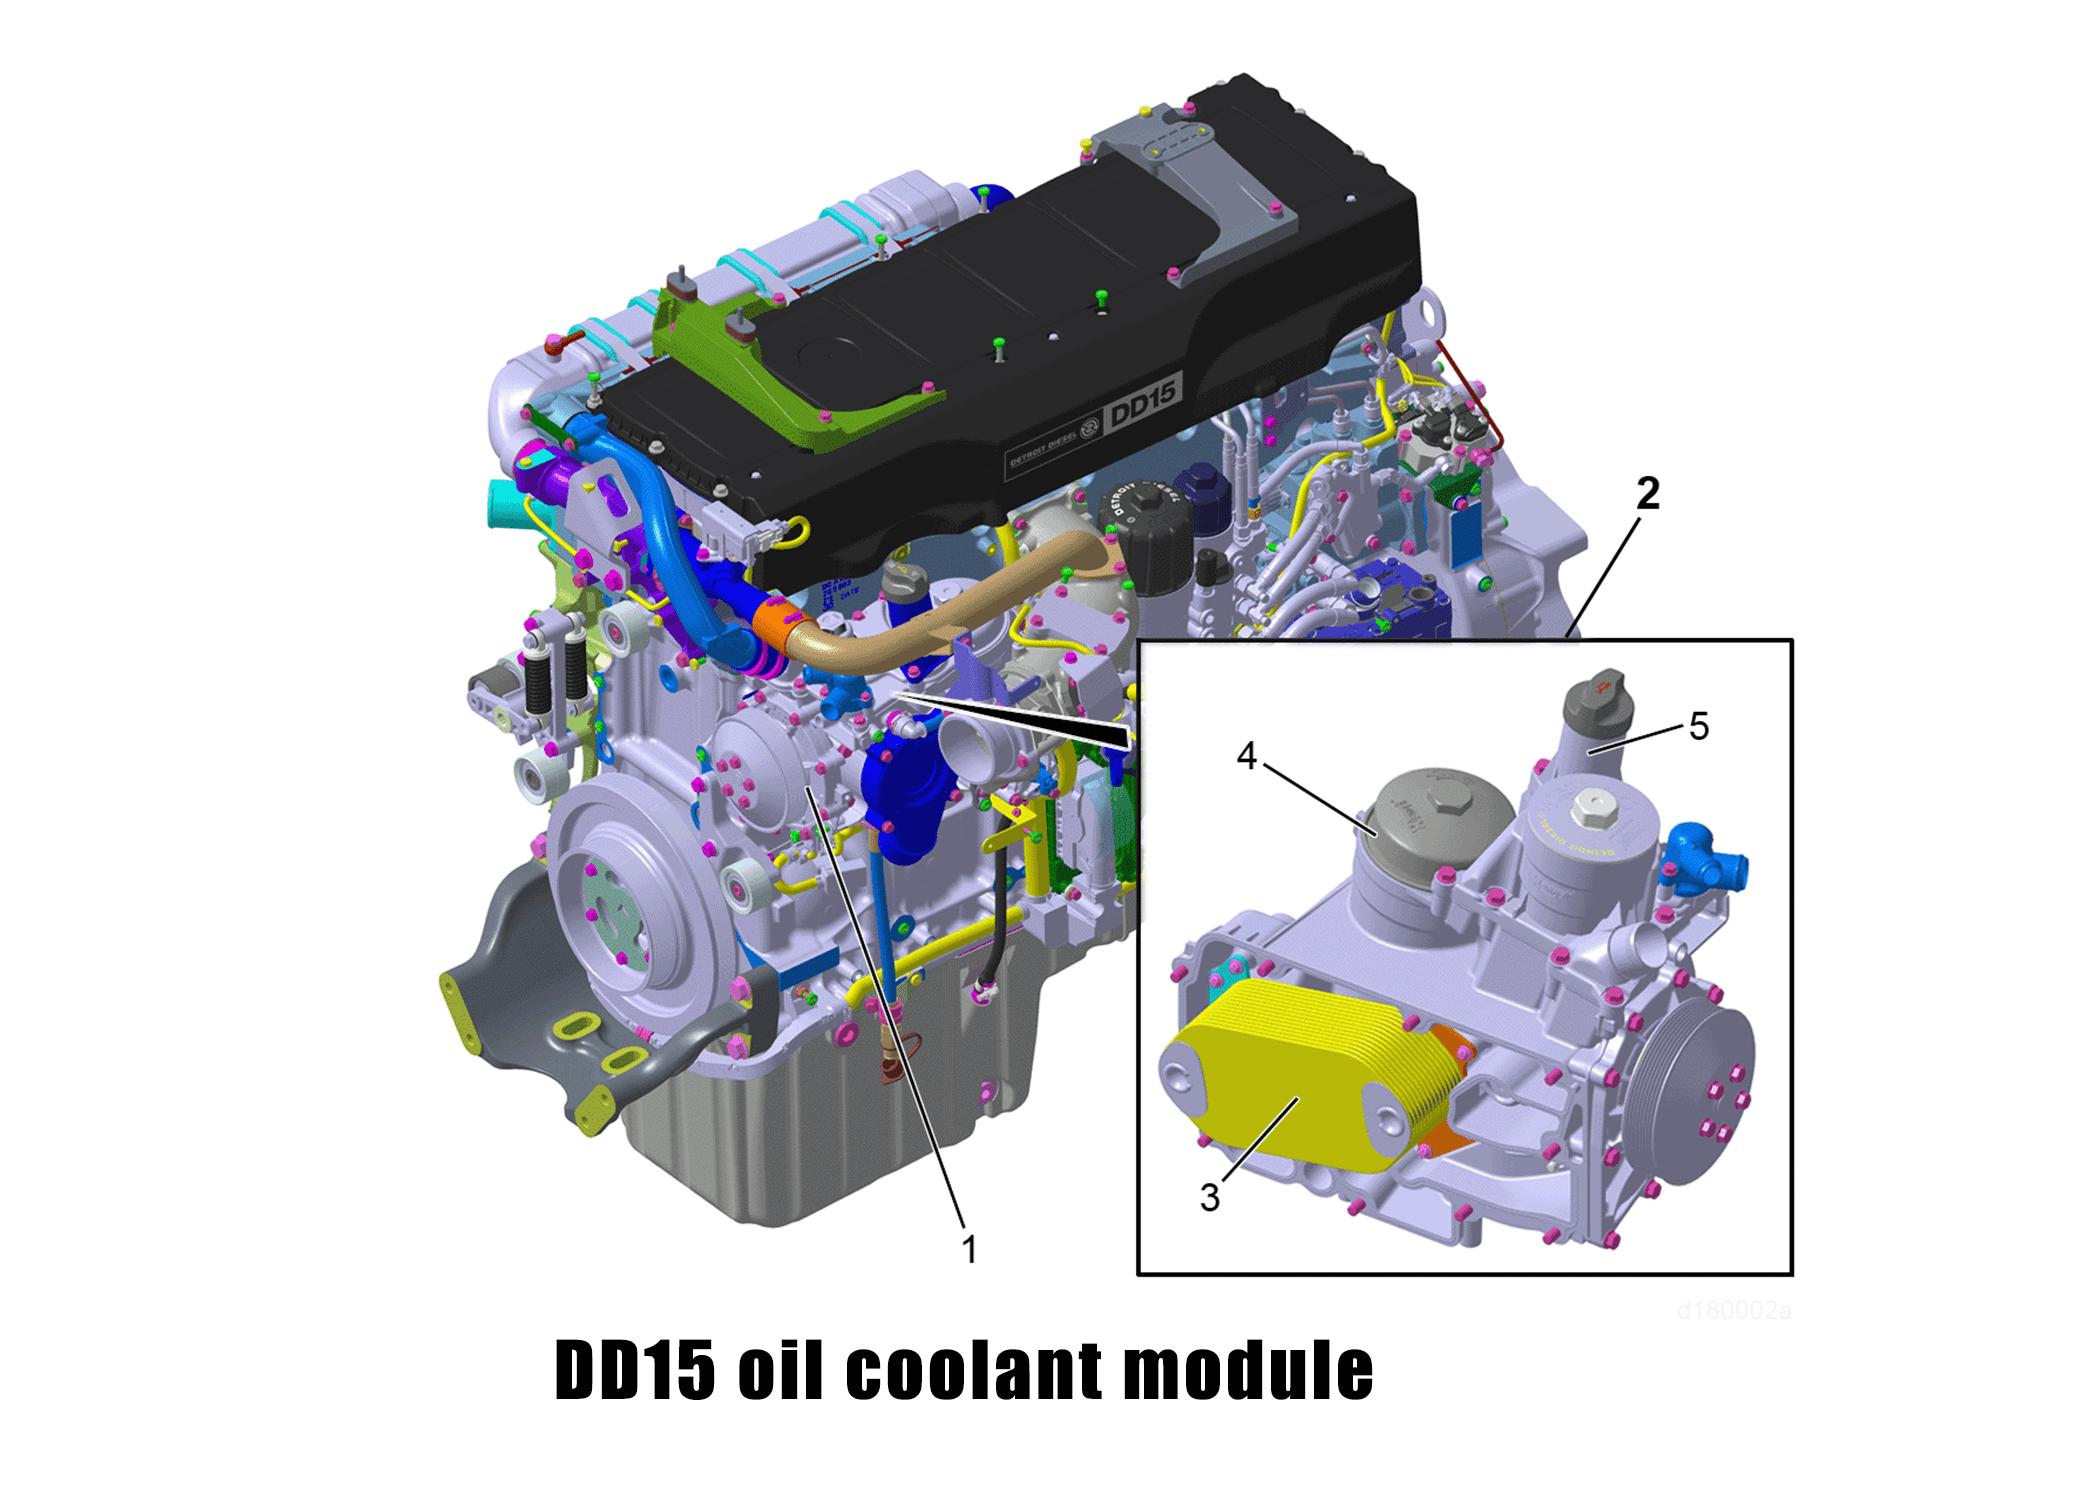 DD15_oilcoolantmodule-min